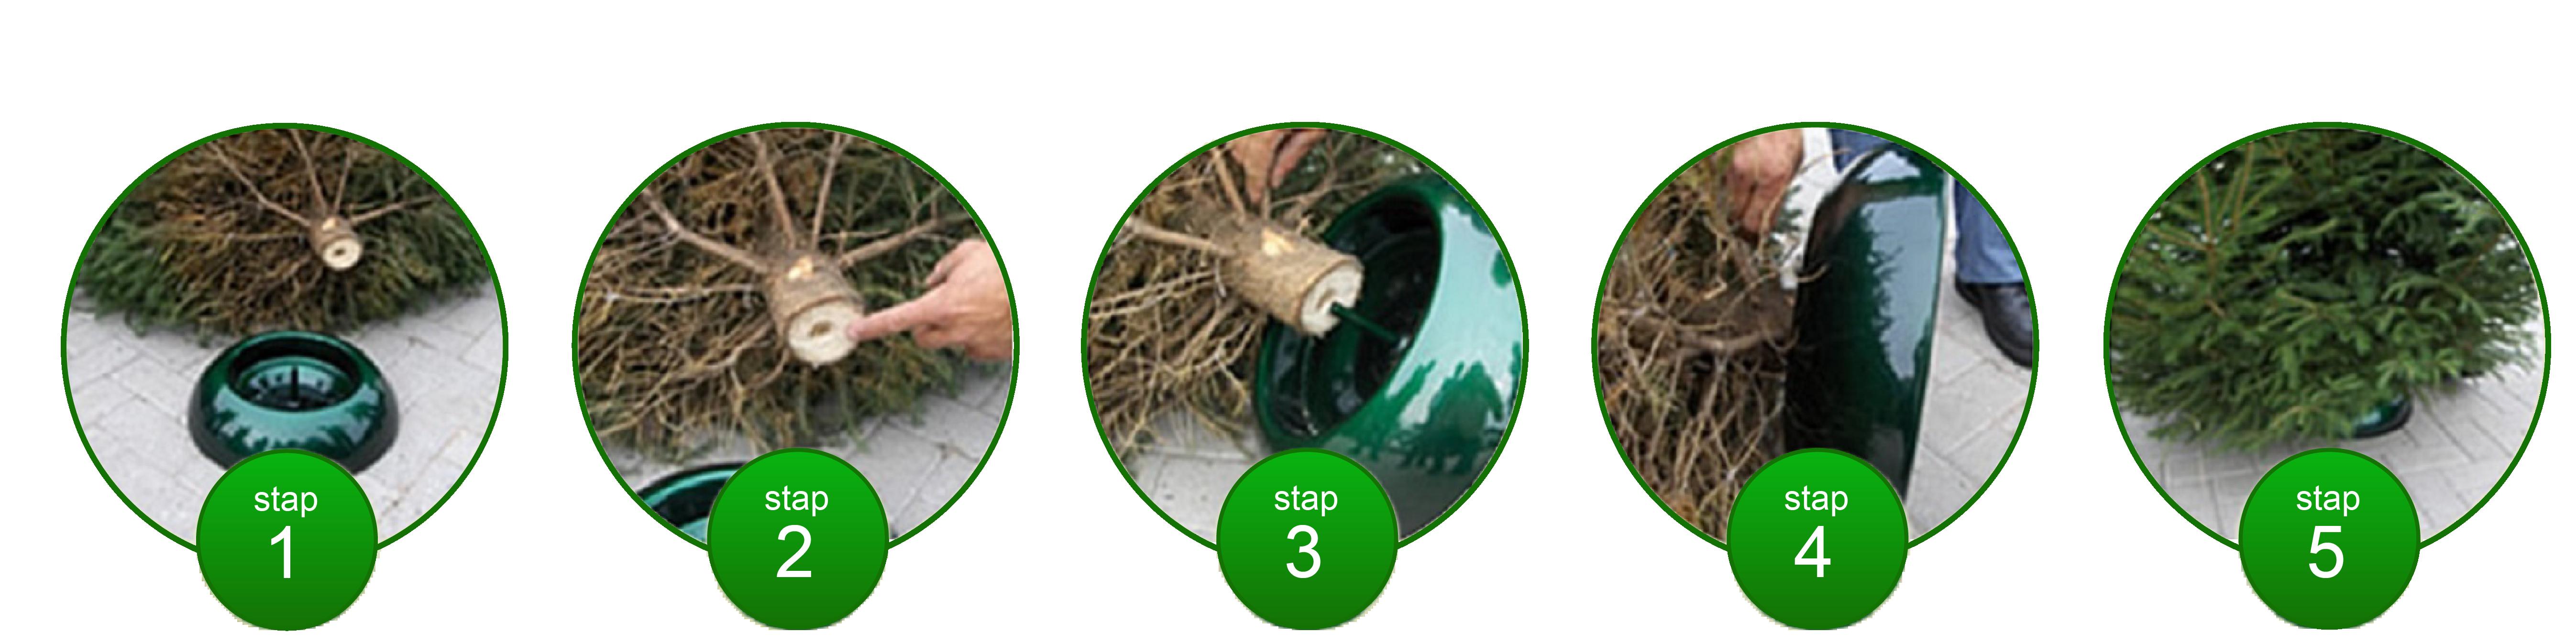 easyfix 5 stappen